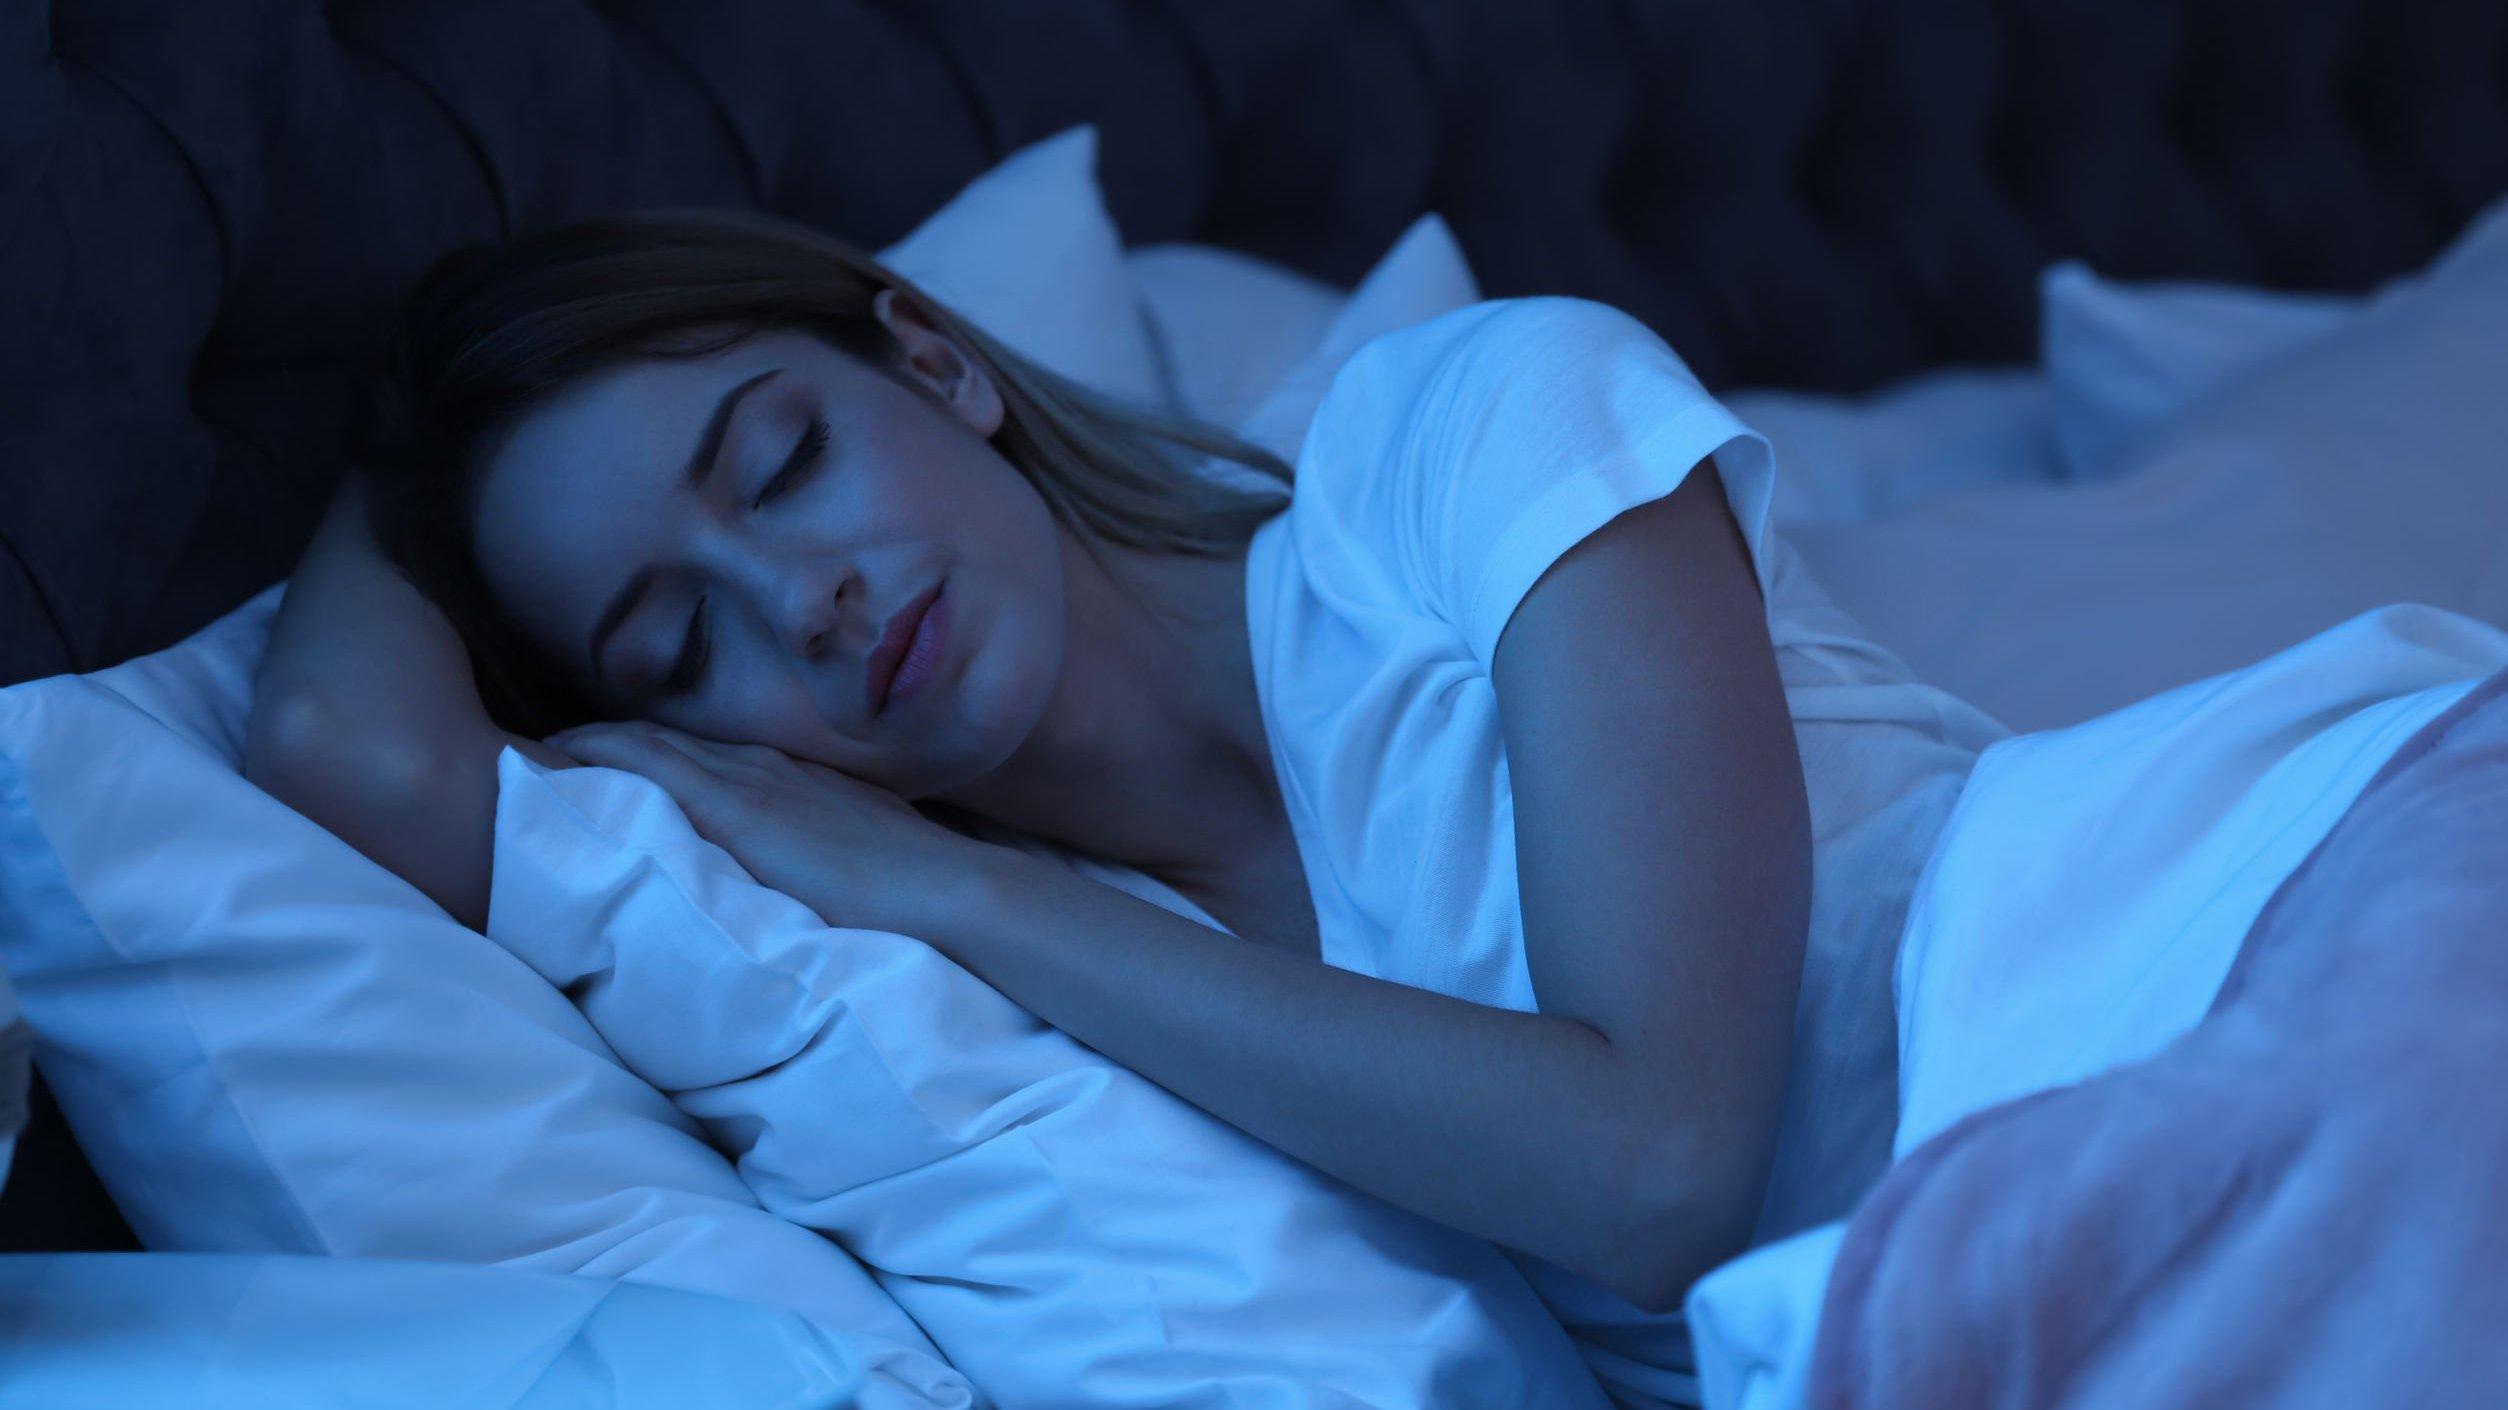 Mulher deitada em cama, dormindo